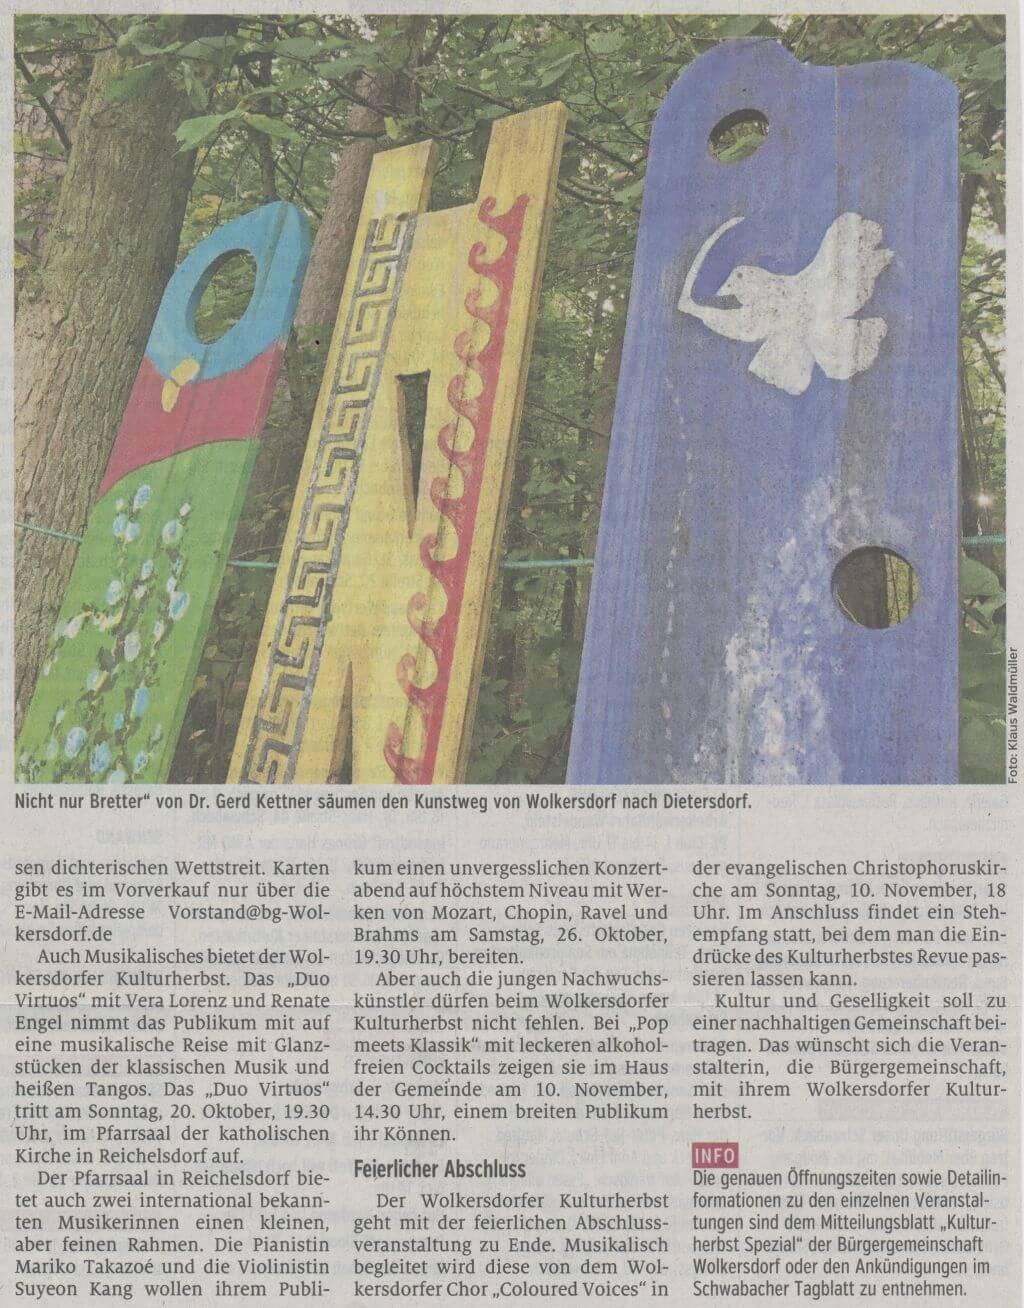 01.10.2019 - Kunst in allen Facetten - Schwabacher Tagblatt